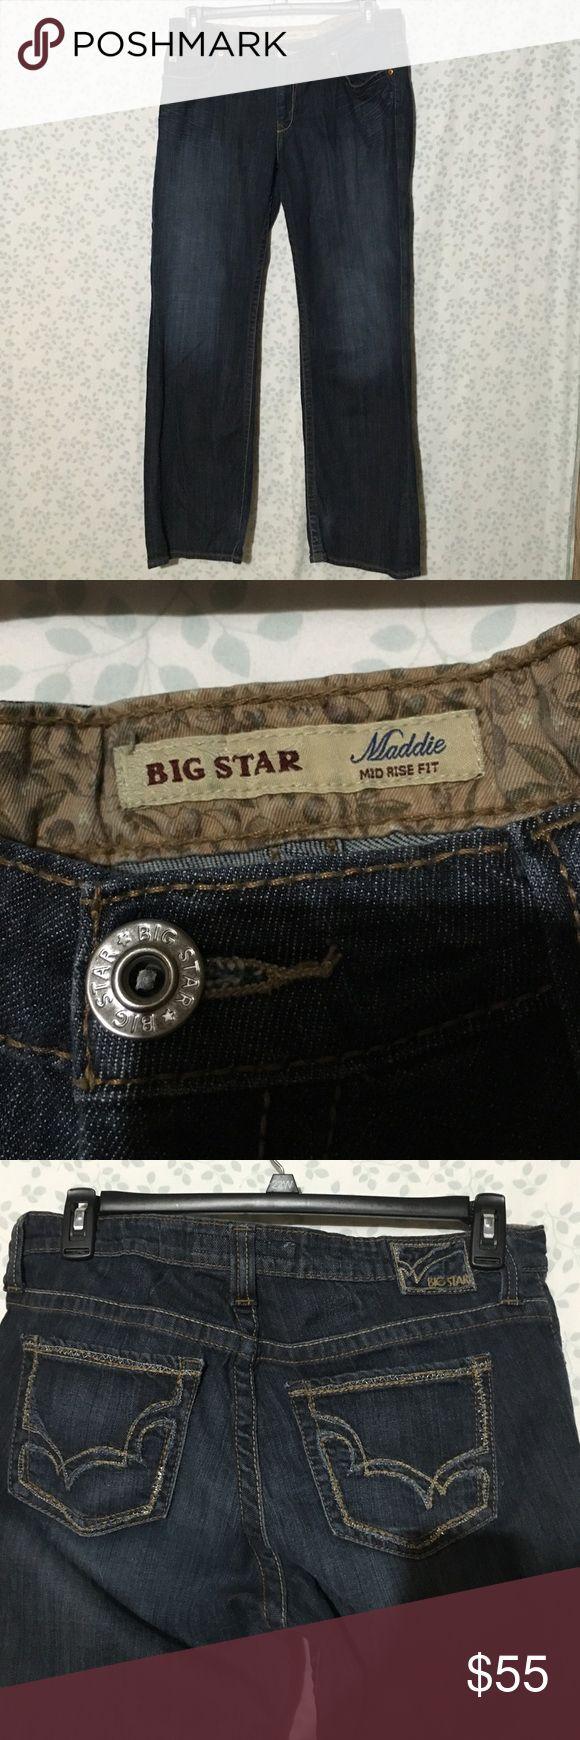 Big Star Maddie mid rise jeans Dark wash Big Star Maddie mid rise fit jeans. Excellent like new condition Big Star Jeans